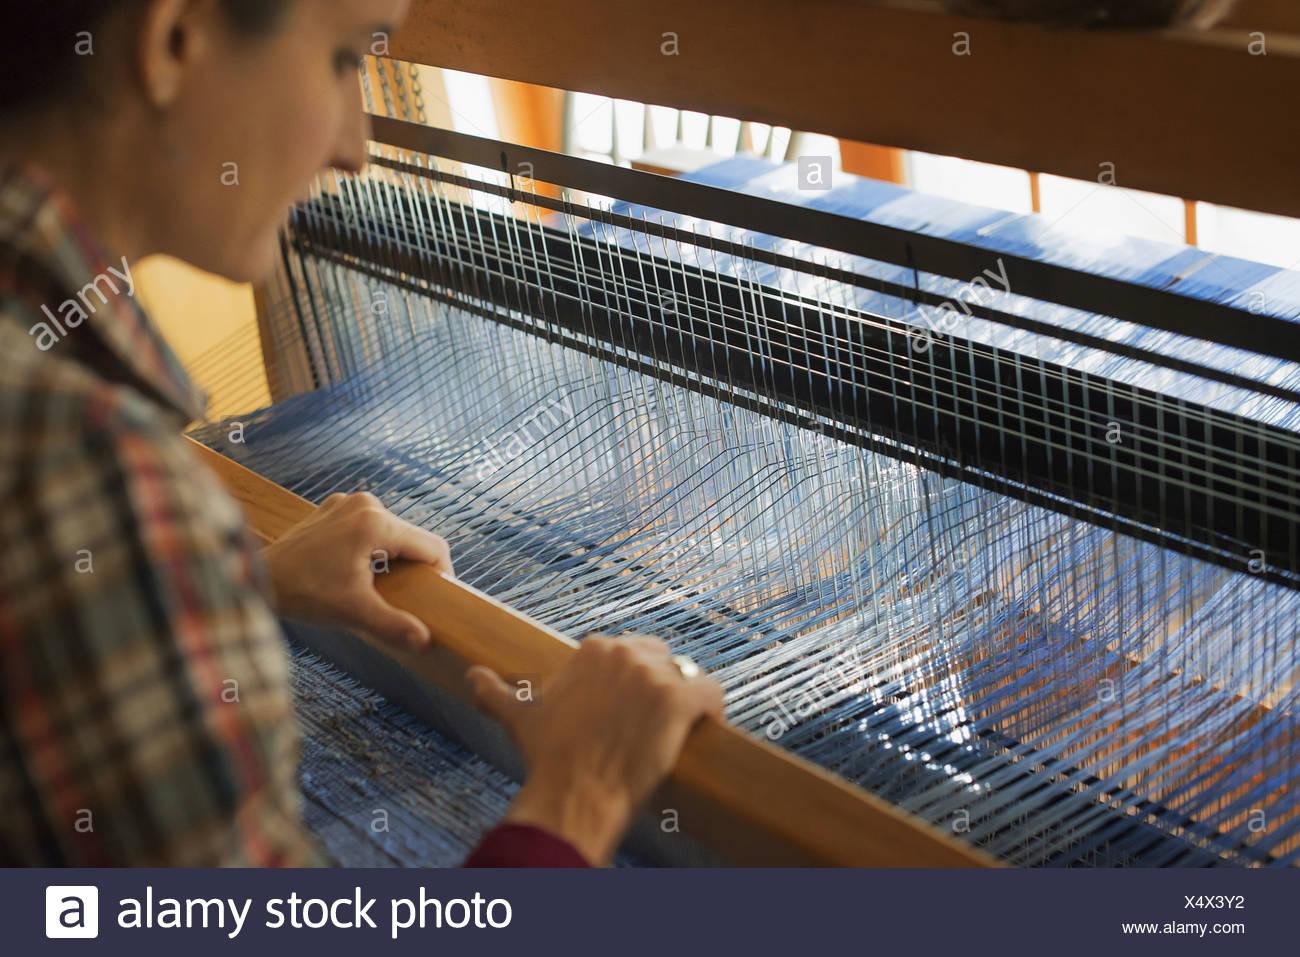 Une femme assise à un métier à tisser en bois création d'un tissu de laine tissés à la main avec un motif bleu et blanc Photo Stock